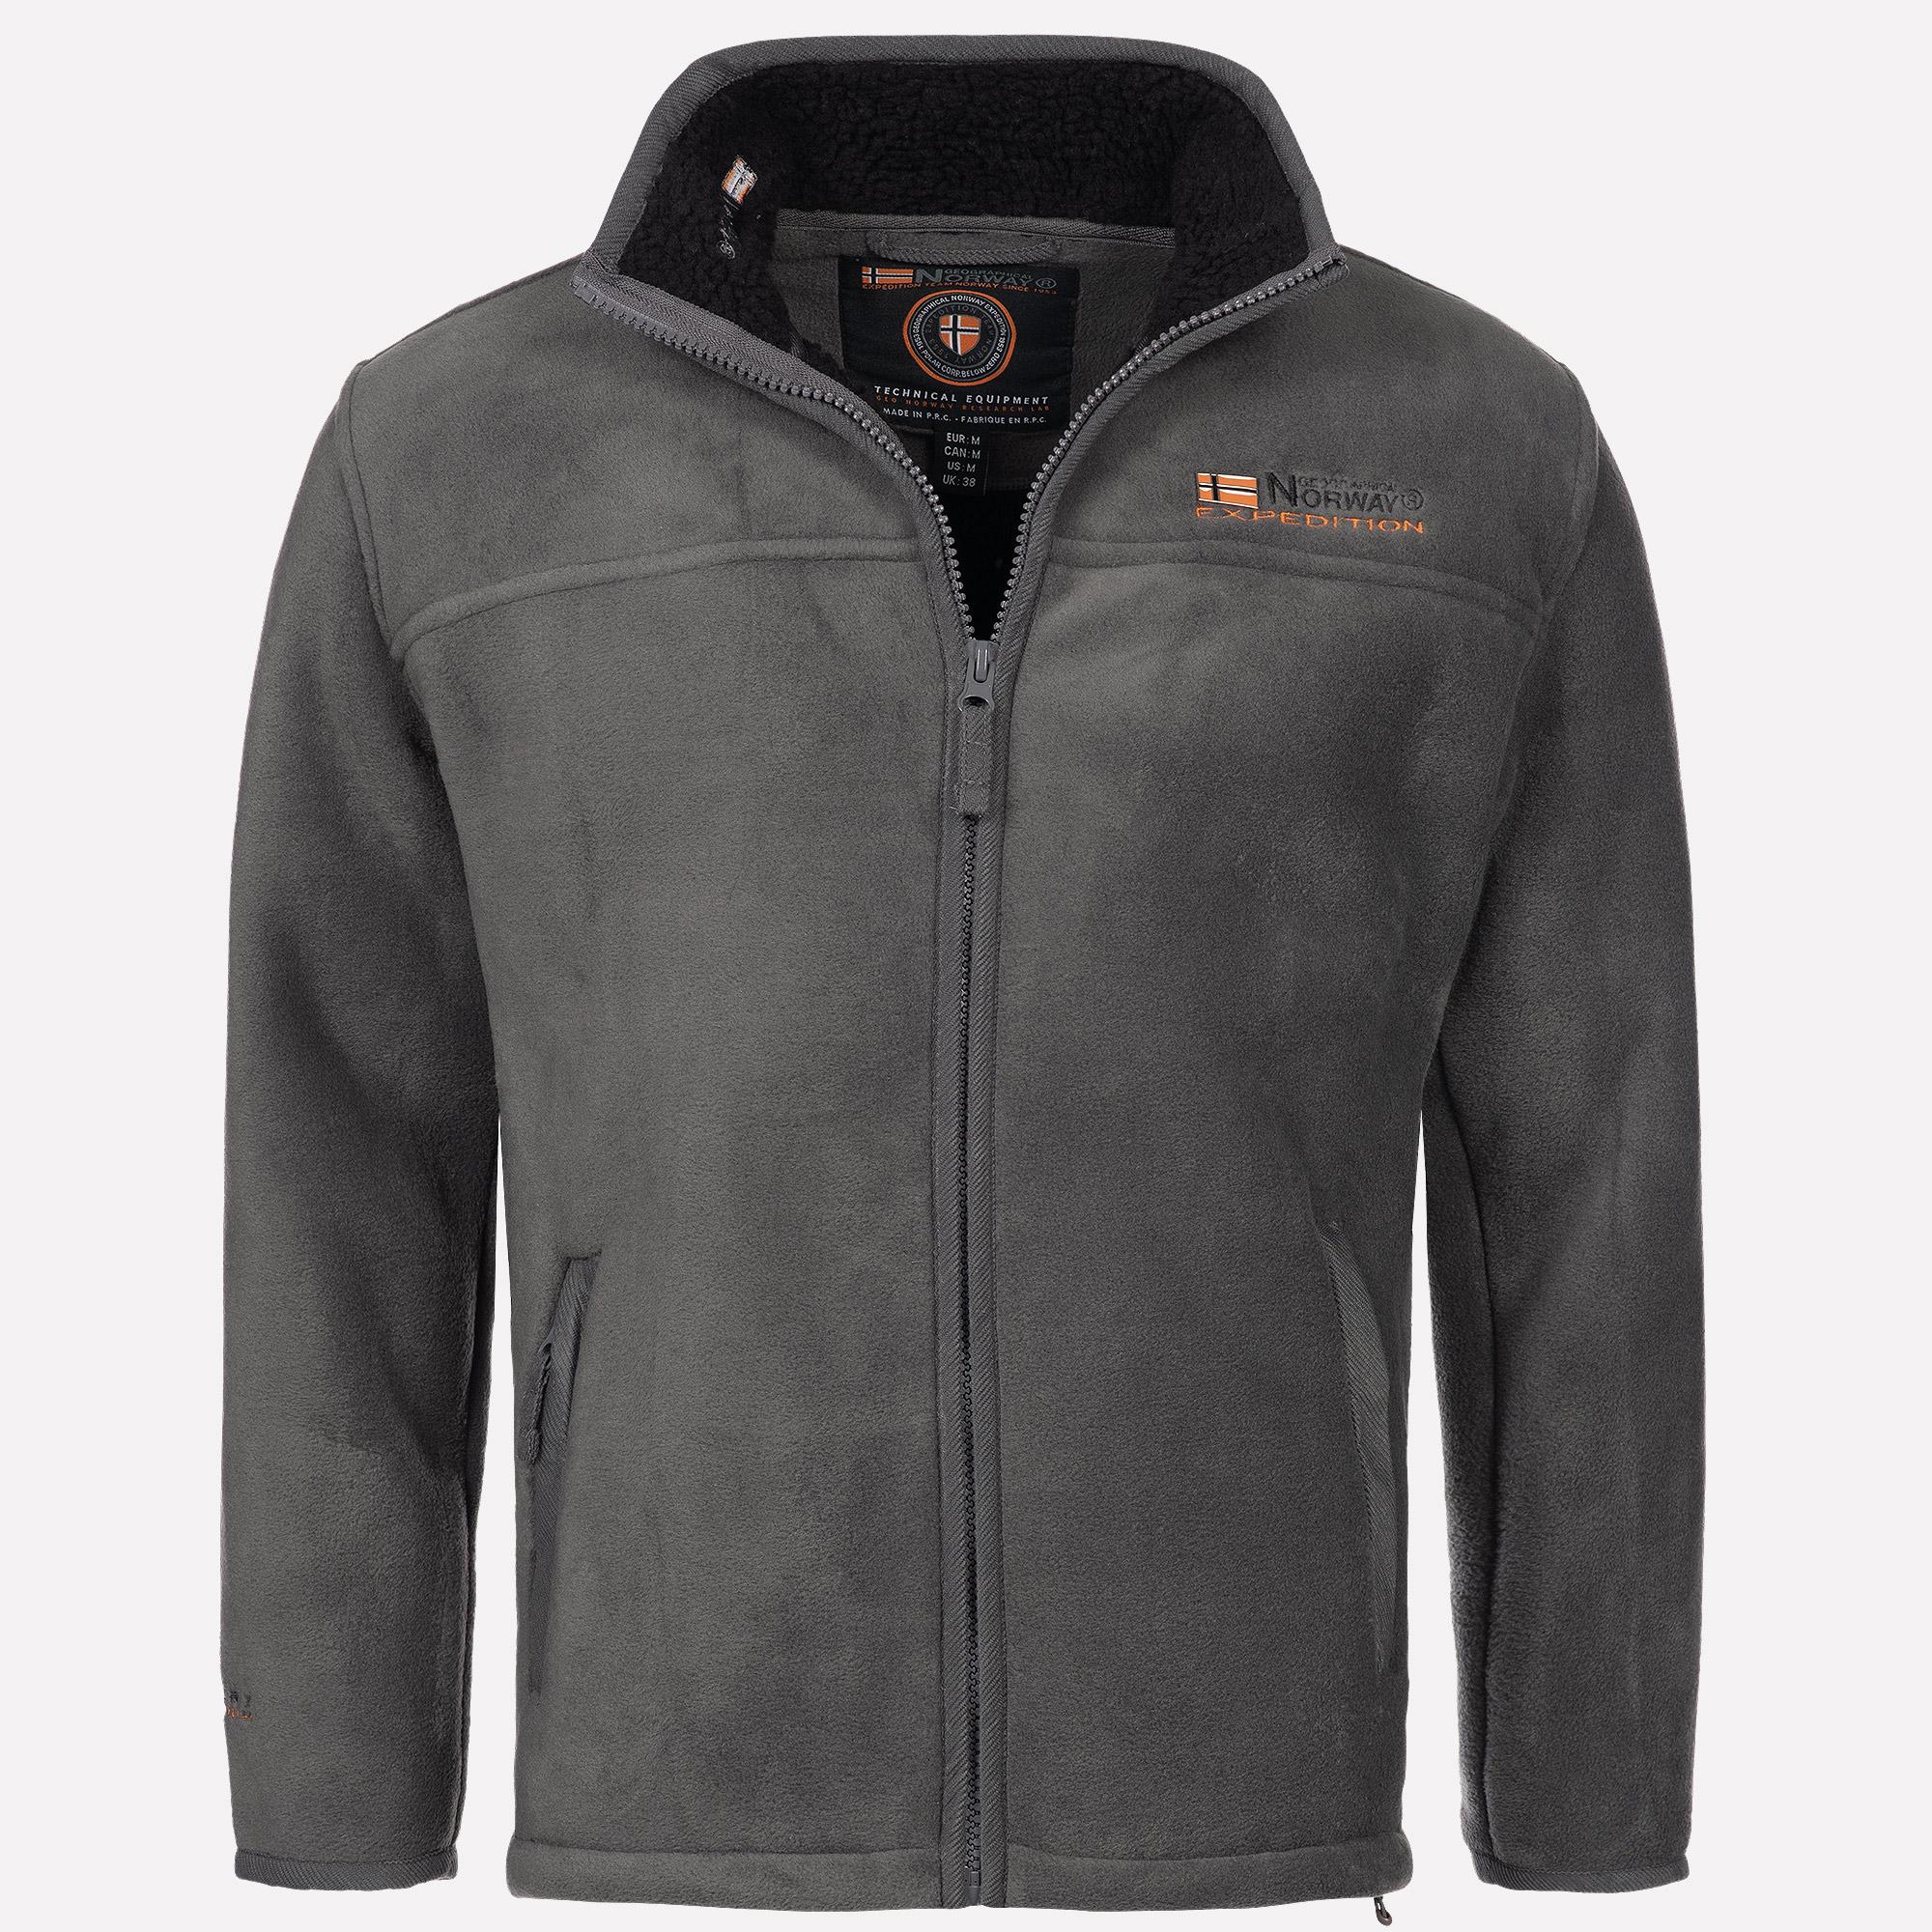 Details zu Geographical Norway Herren warme Fleece Winter Übergangs Outdoor Jacke Sweat